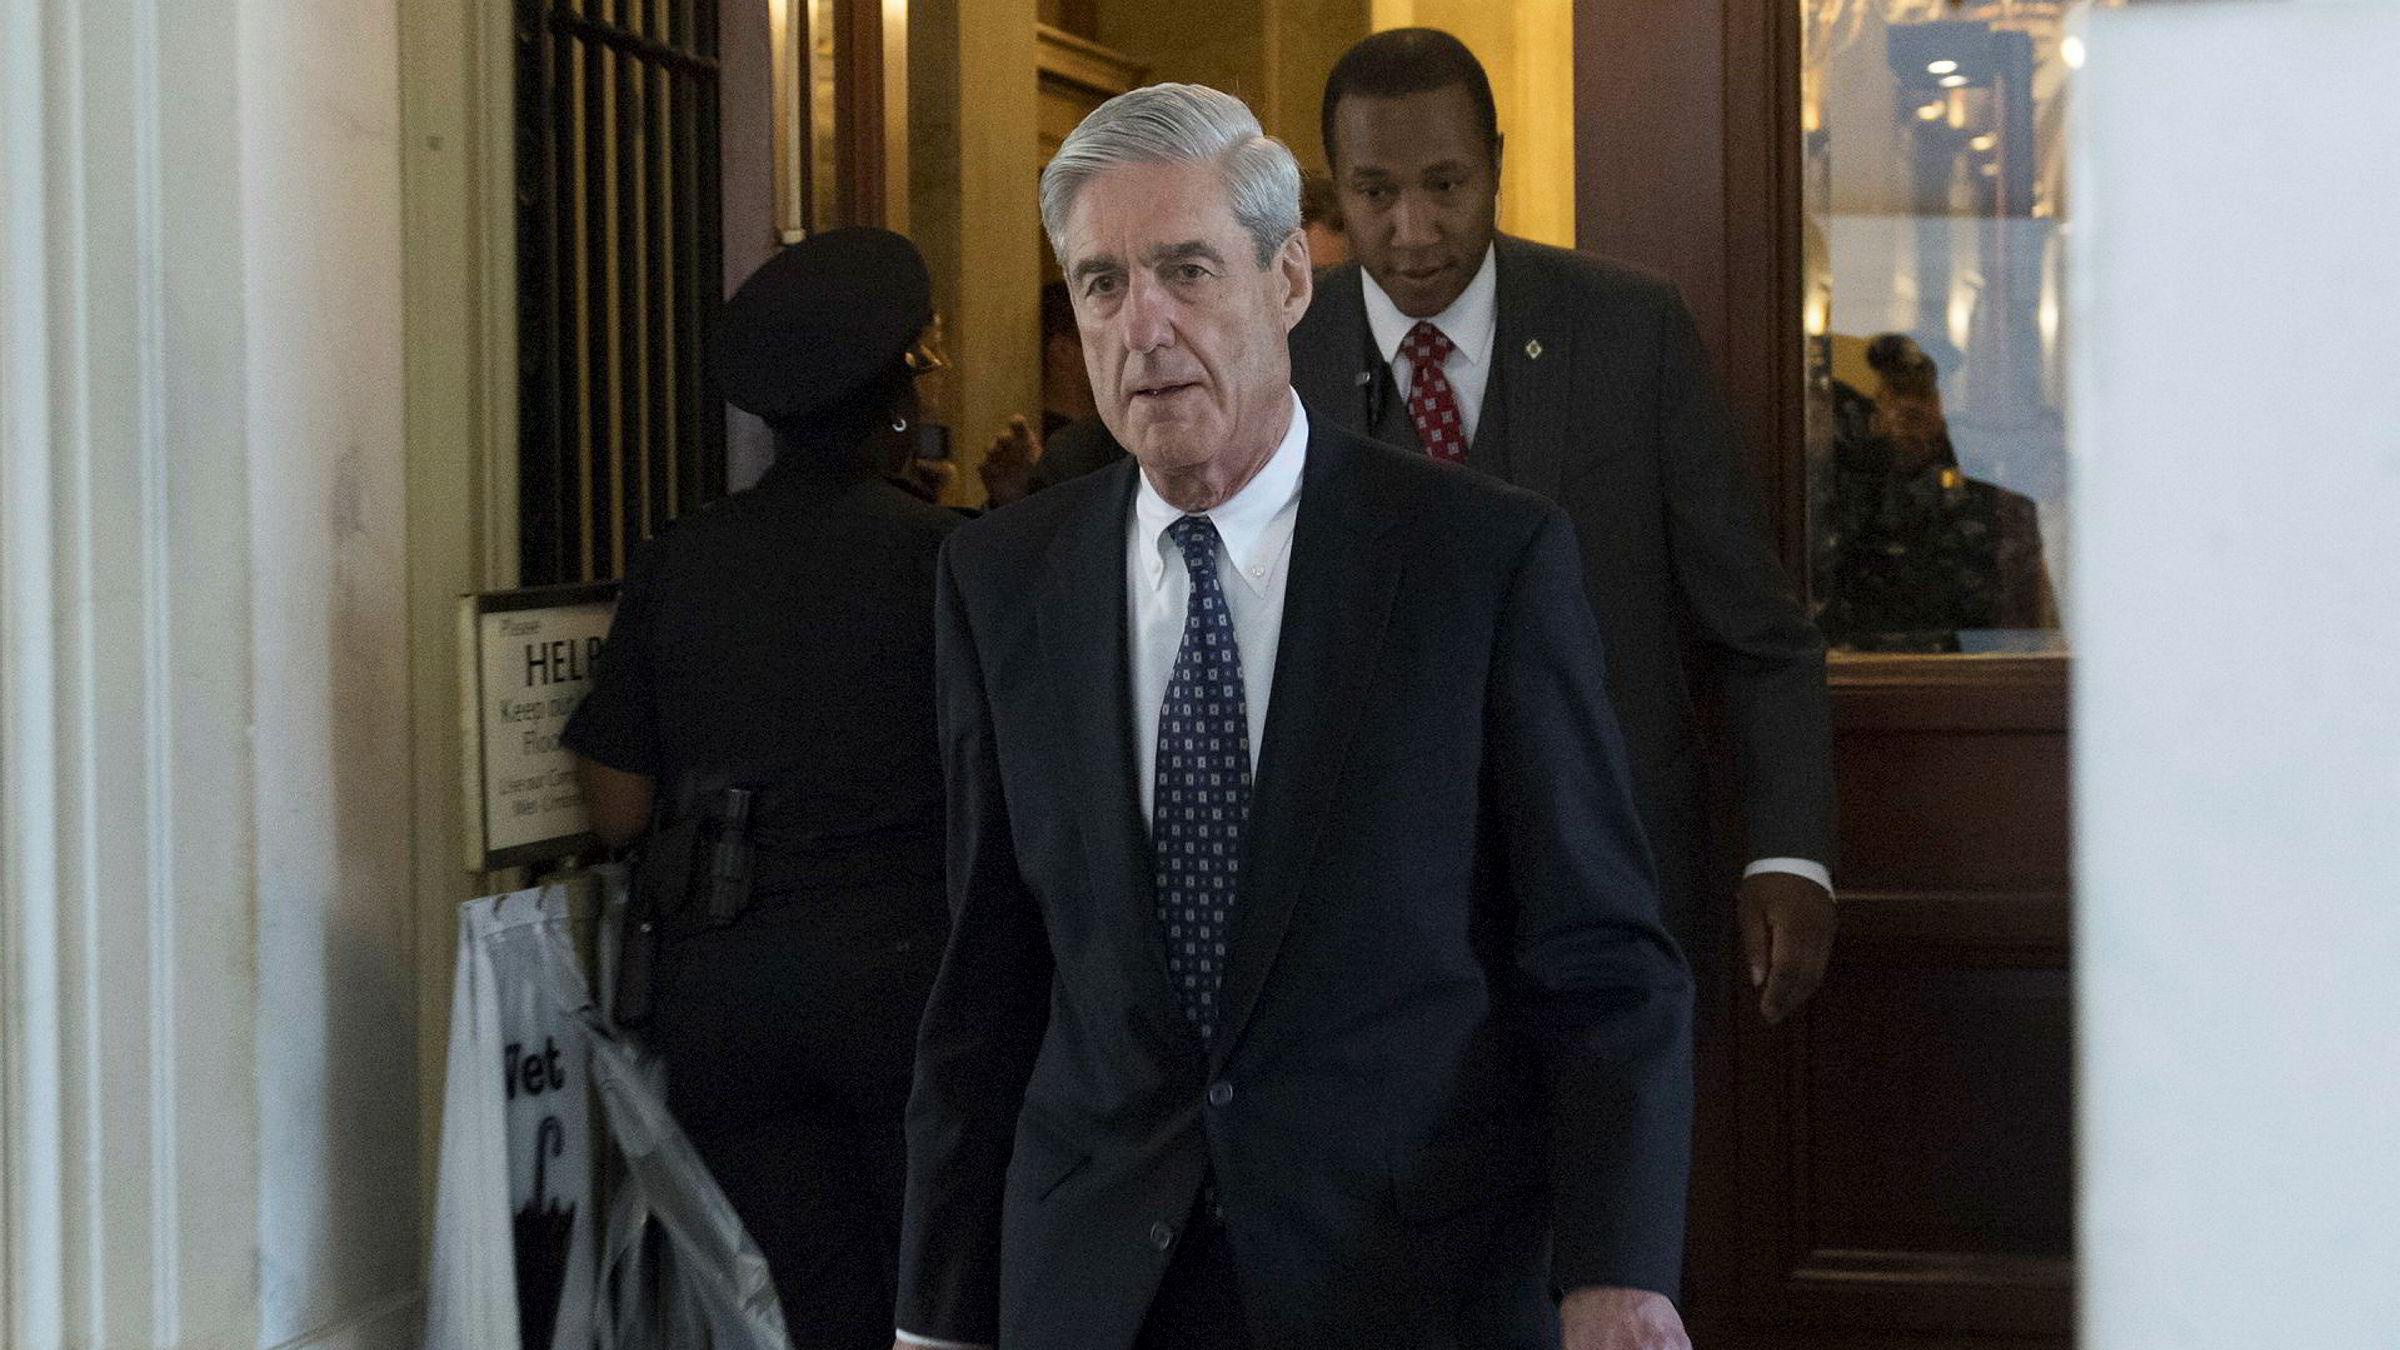 New York Times har fått tak i det som skal være listen med spørsmål Robert Mueller ønsker å stille president Donald Trump.